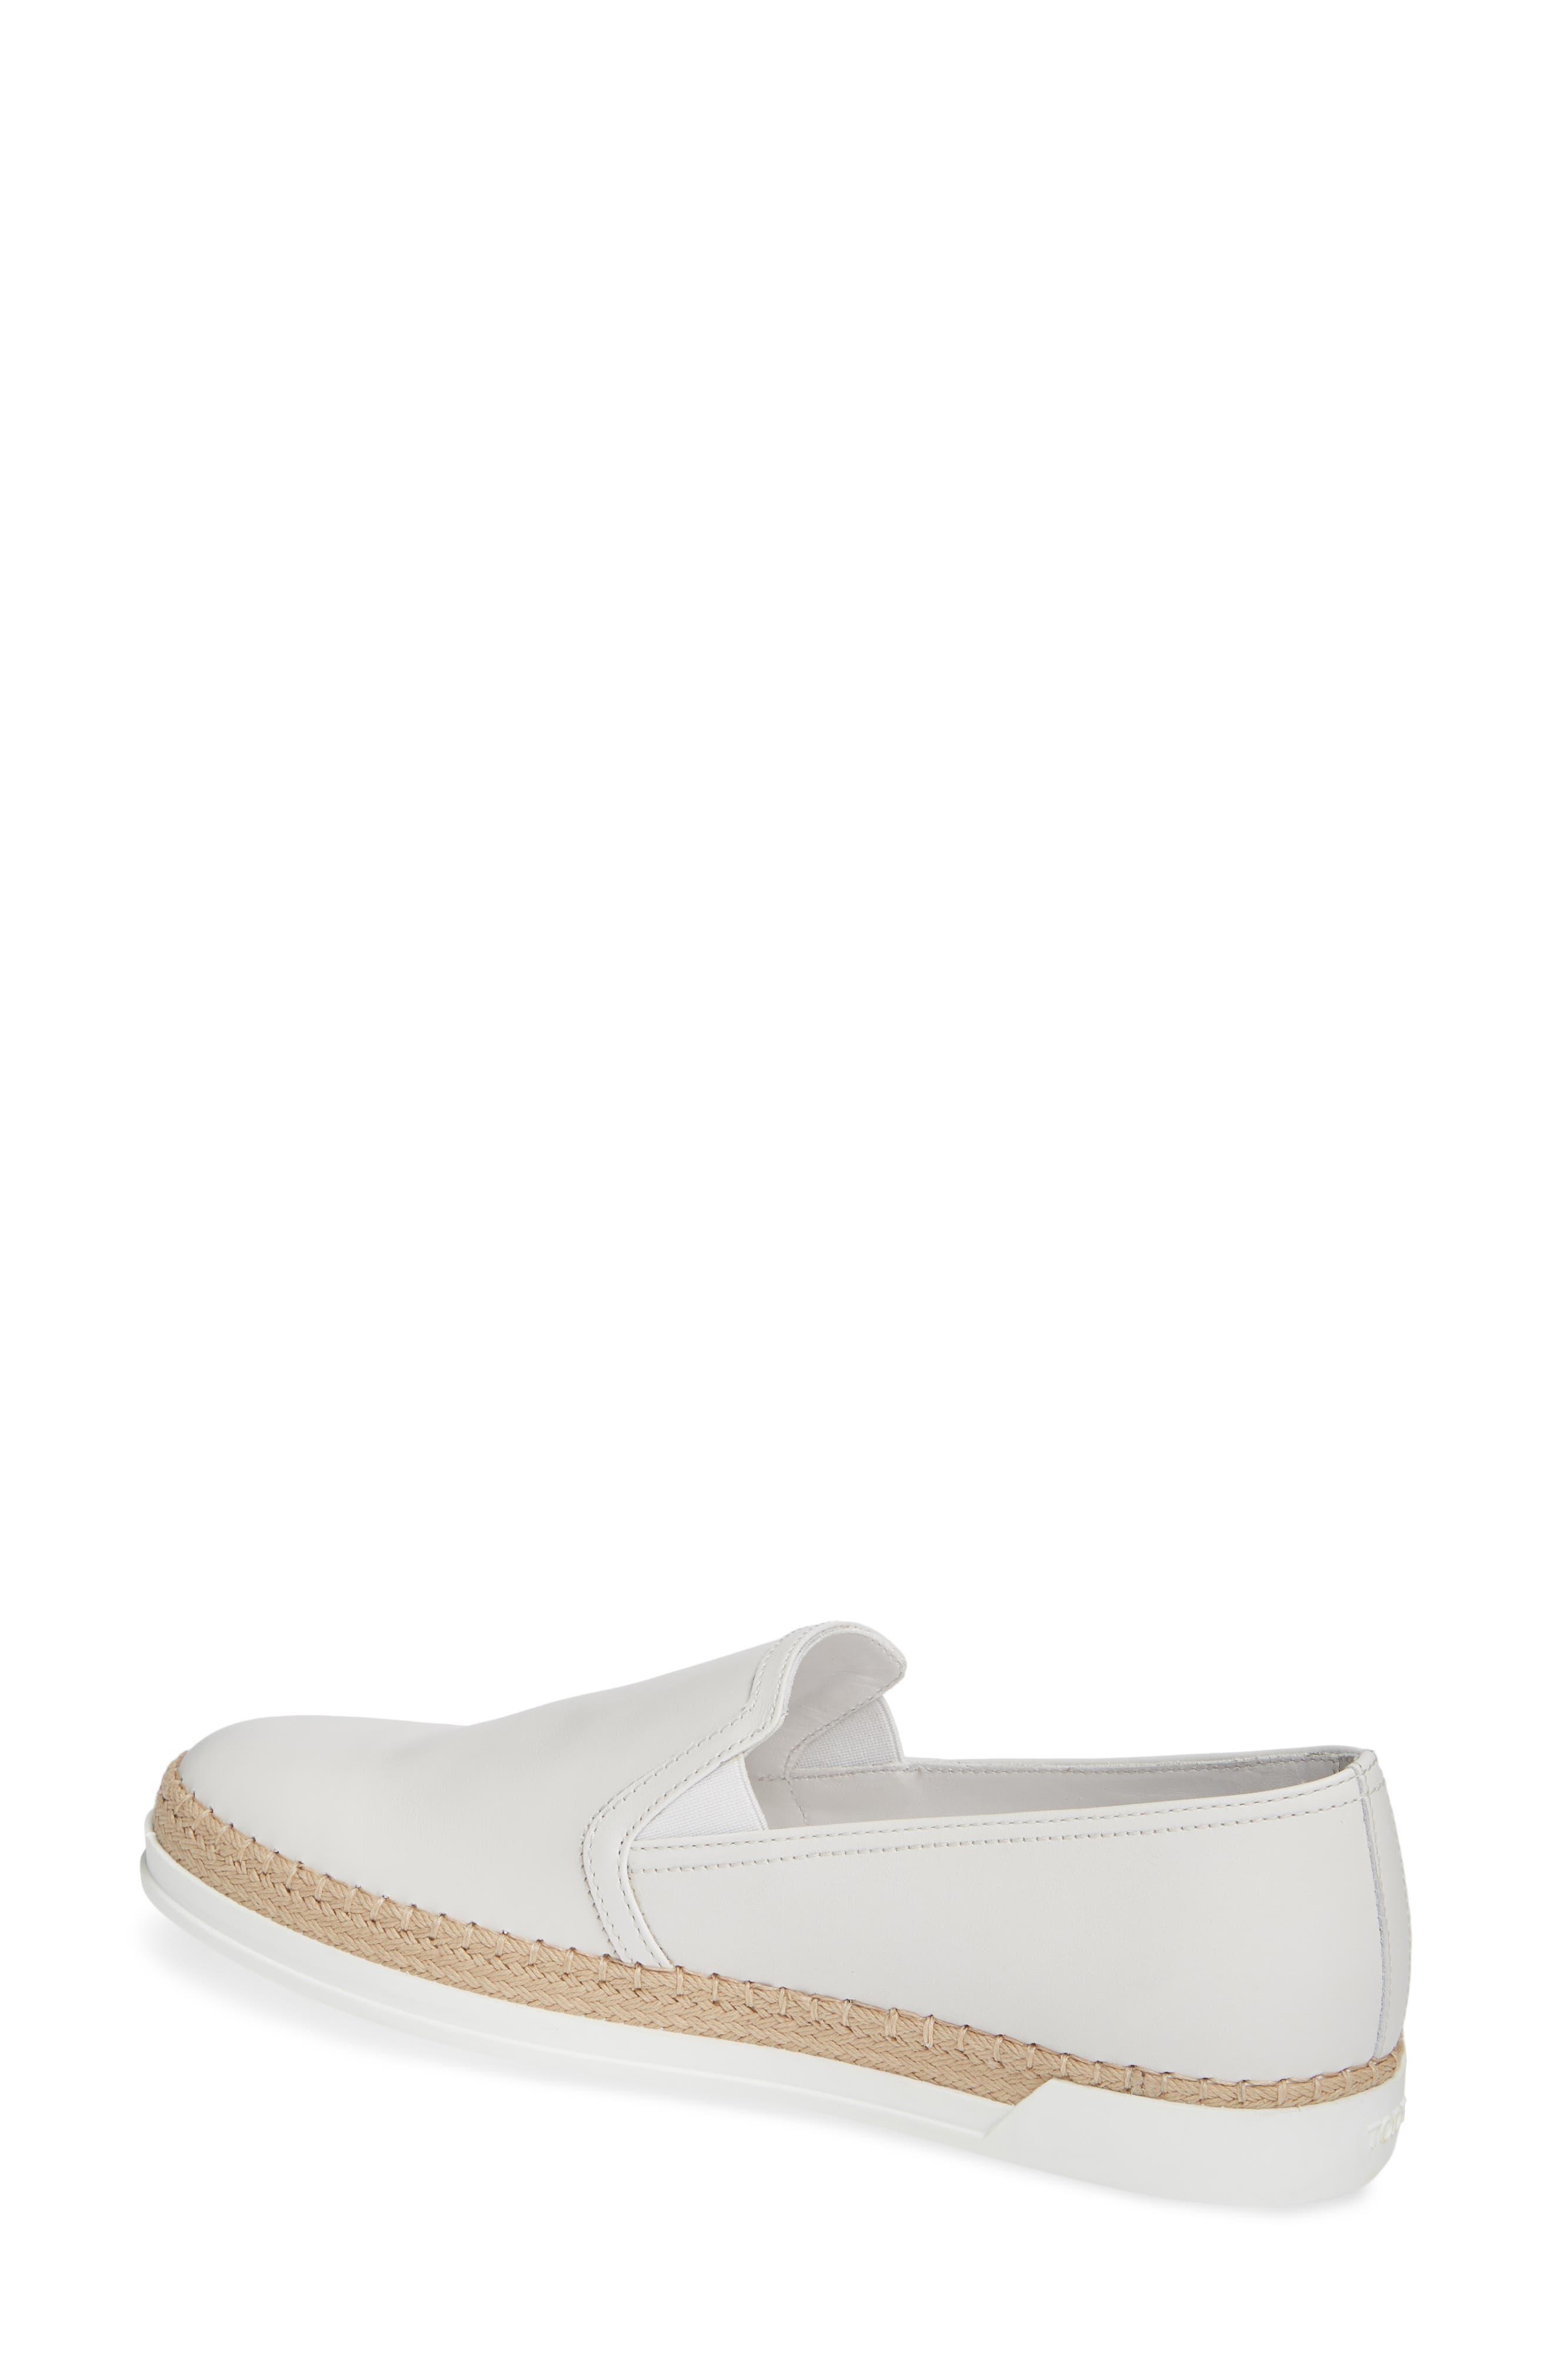 TOD'S, Espadrille Slip-On Sneaker, Alternate thumbnail 2, color, WHITE LEATHER